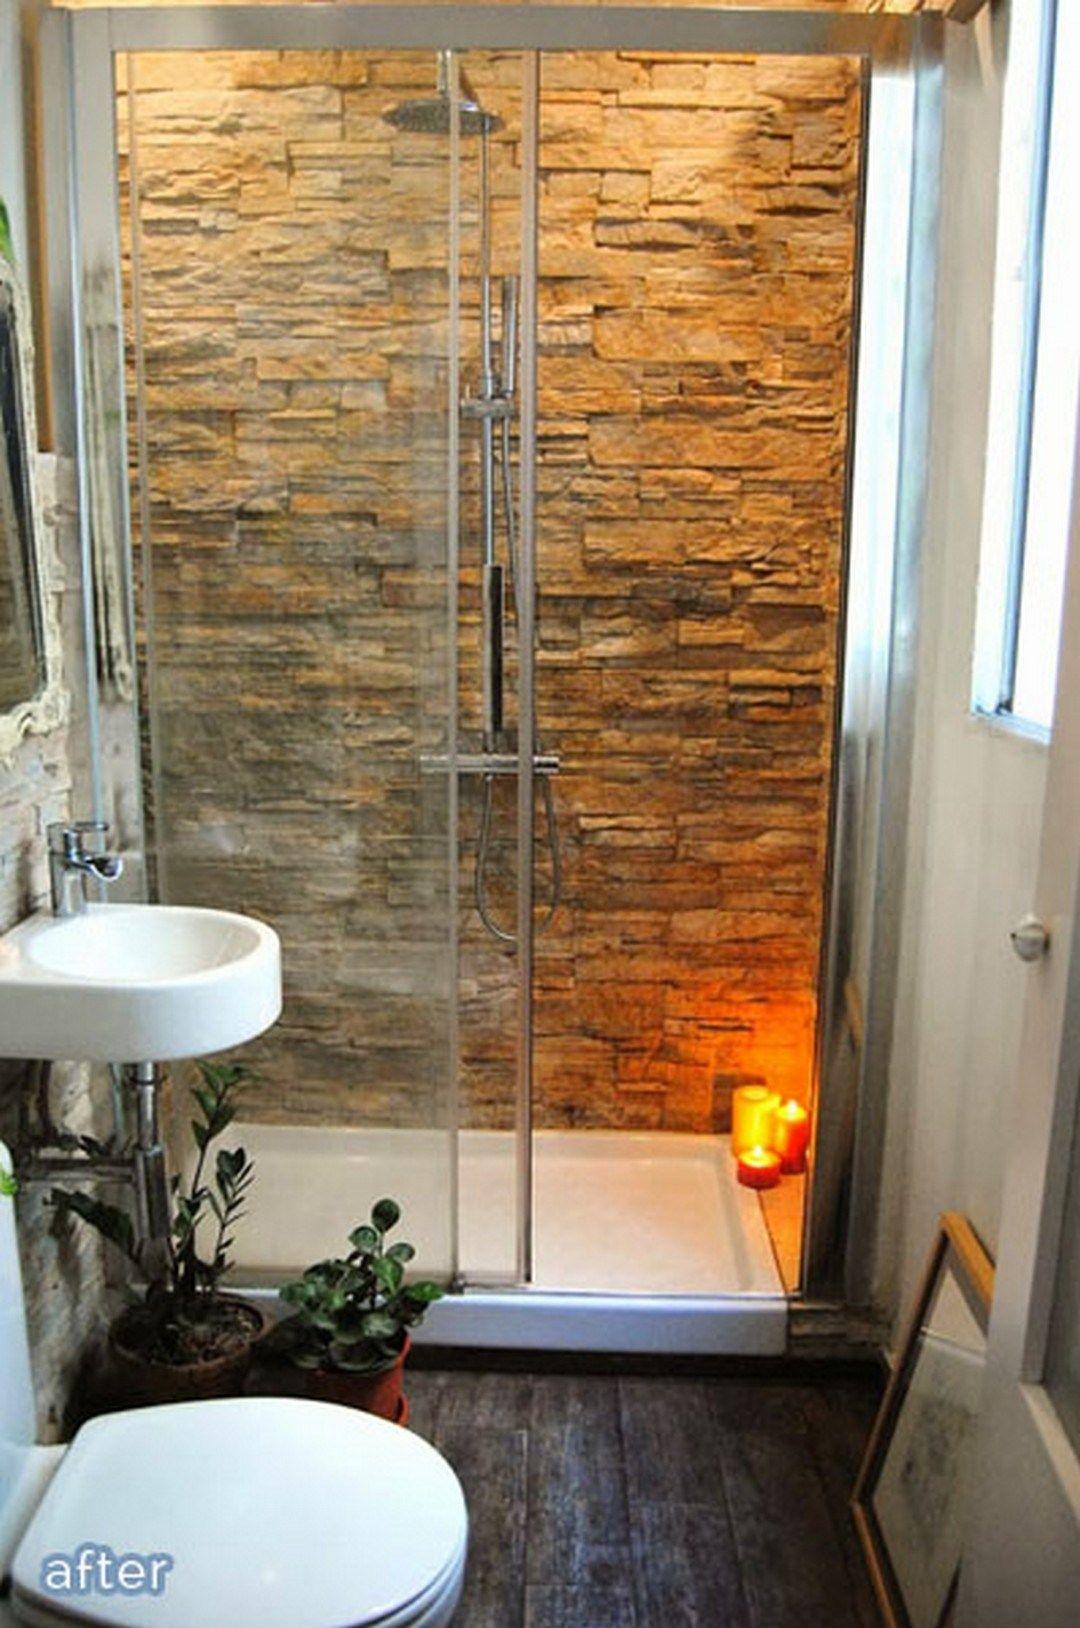 Budget Pour Renovation Salle De Bain ~ 99 small master bathroom makeover ideas on a budget 69 home